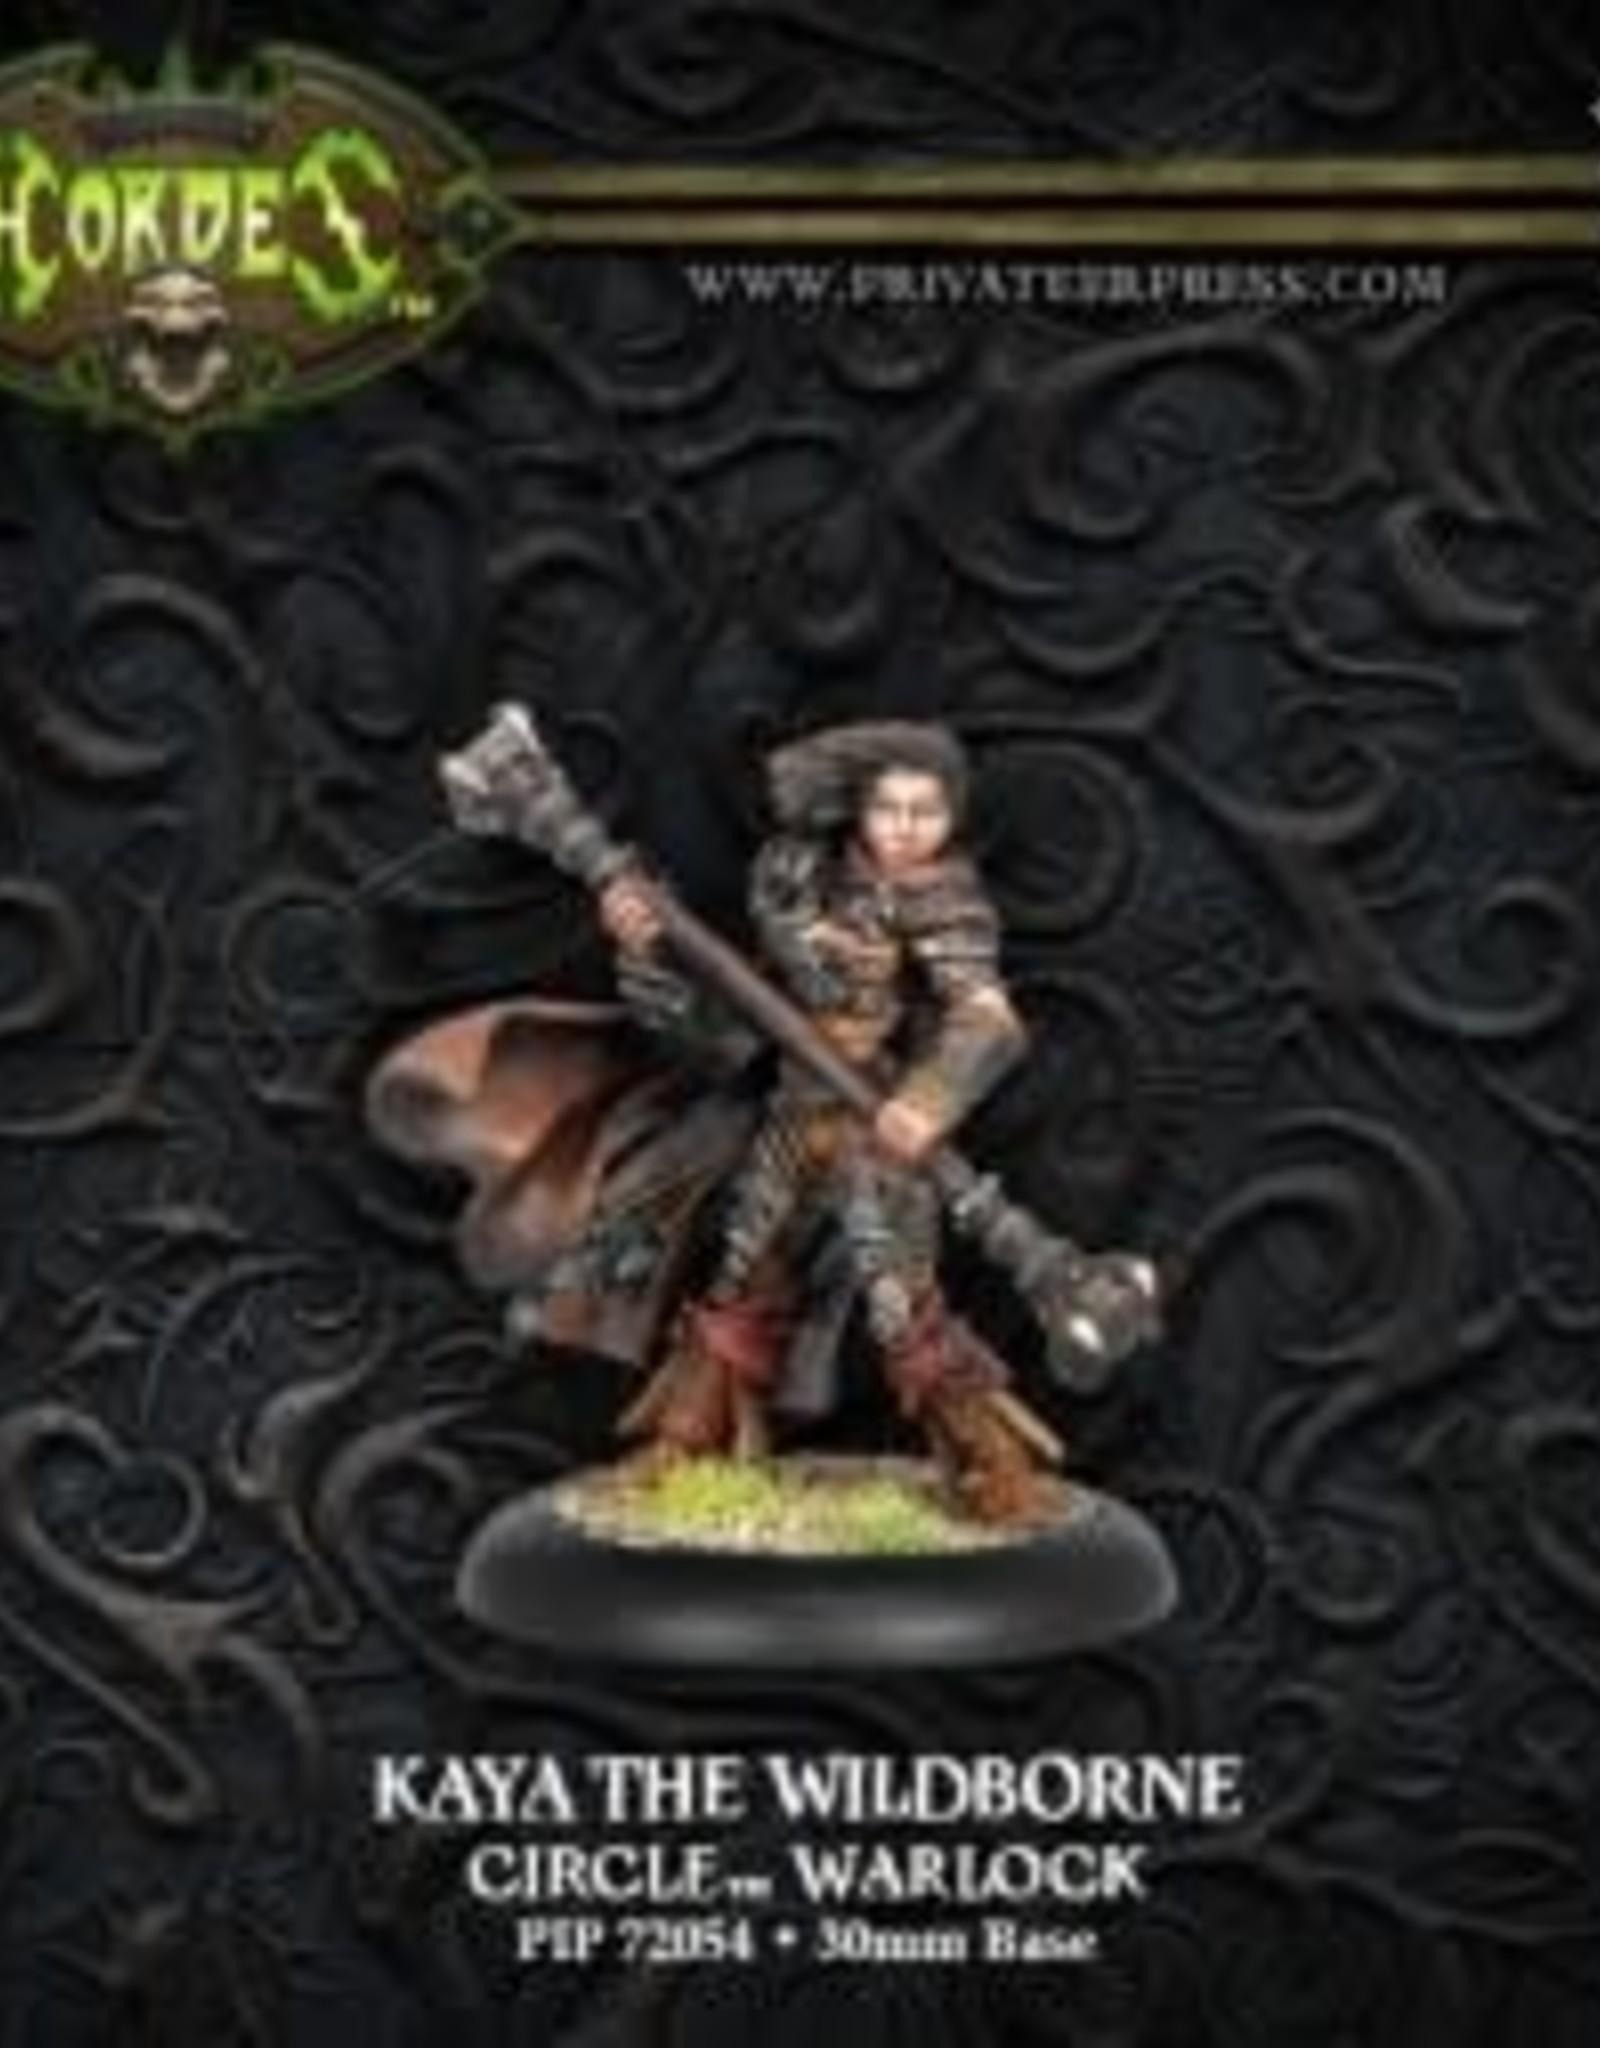 Hordes Circle - Kaya the Wildborne